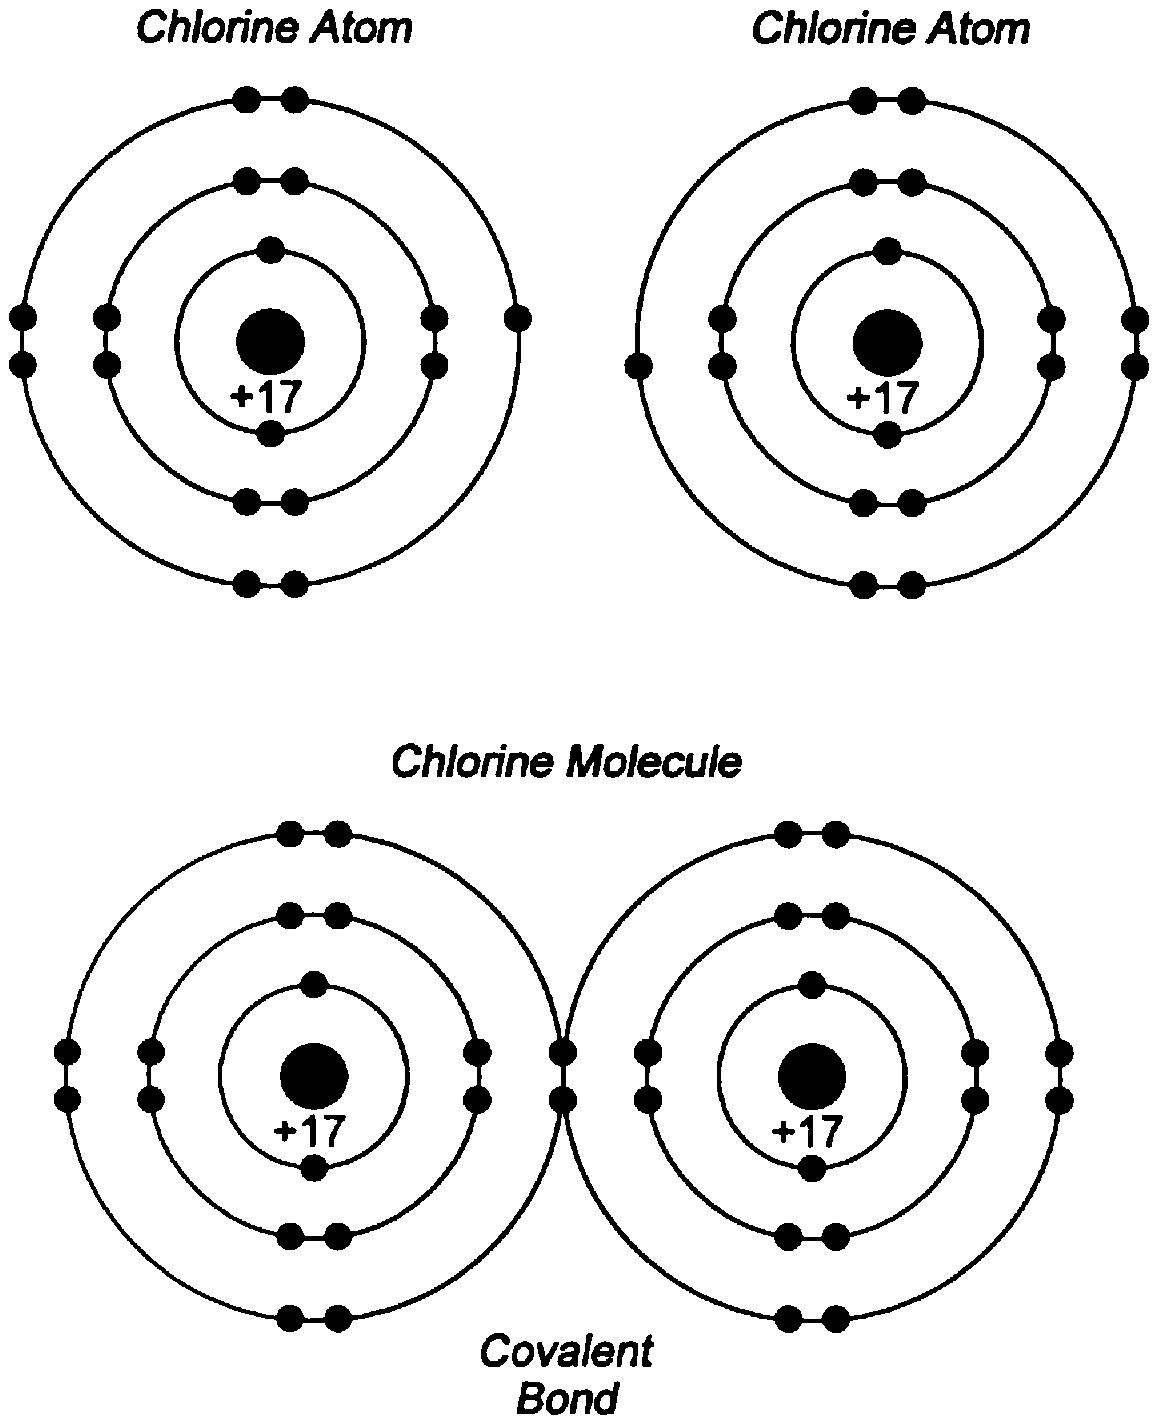 a chlorine molecule forms a covalent bond